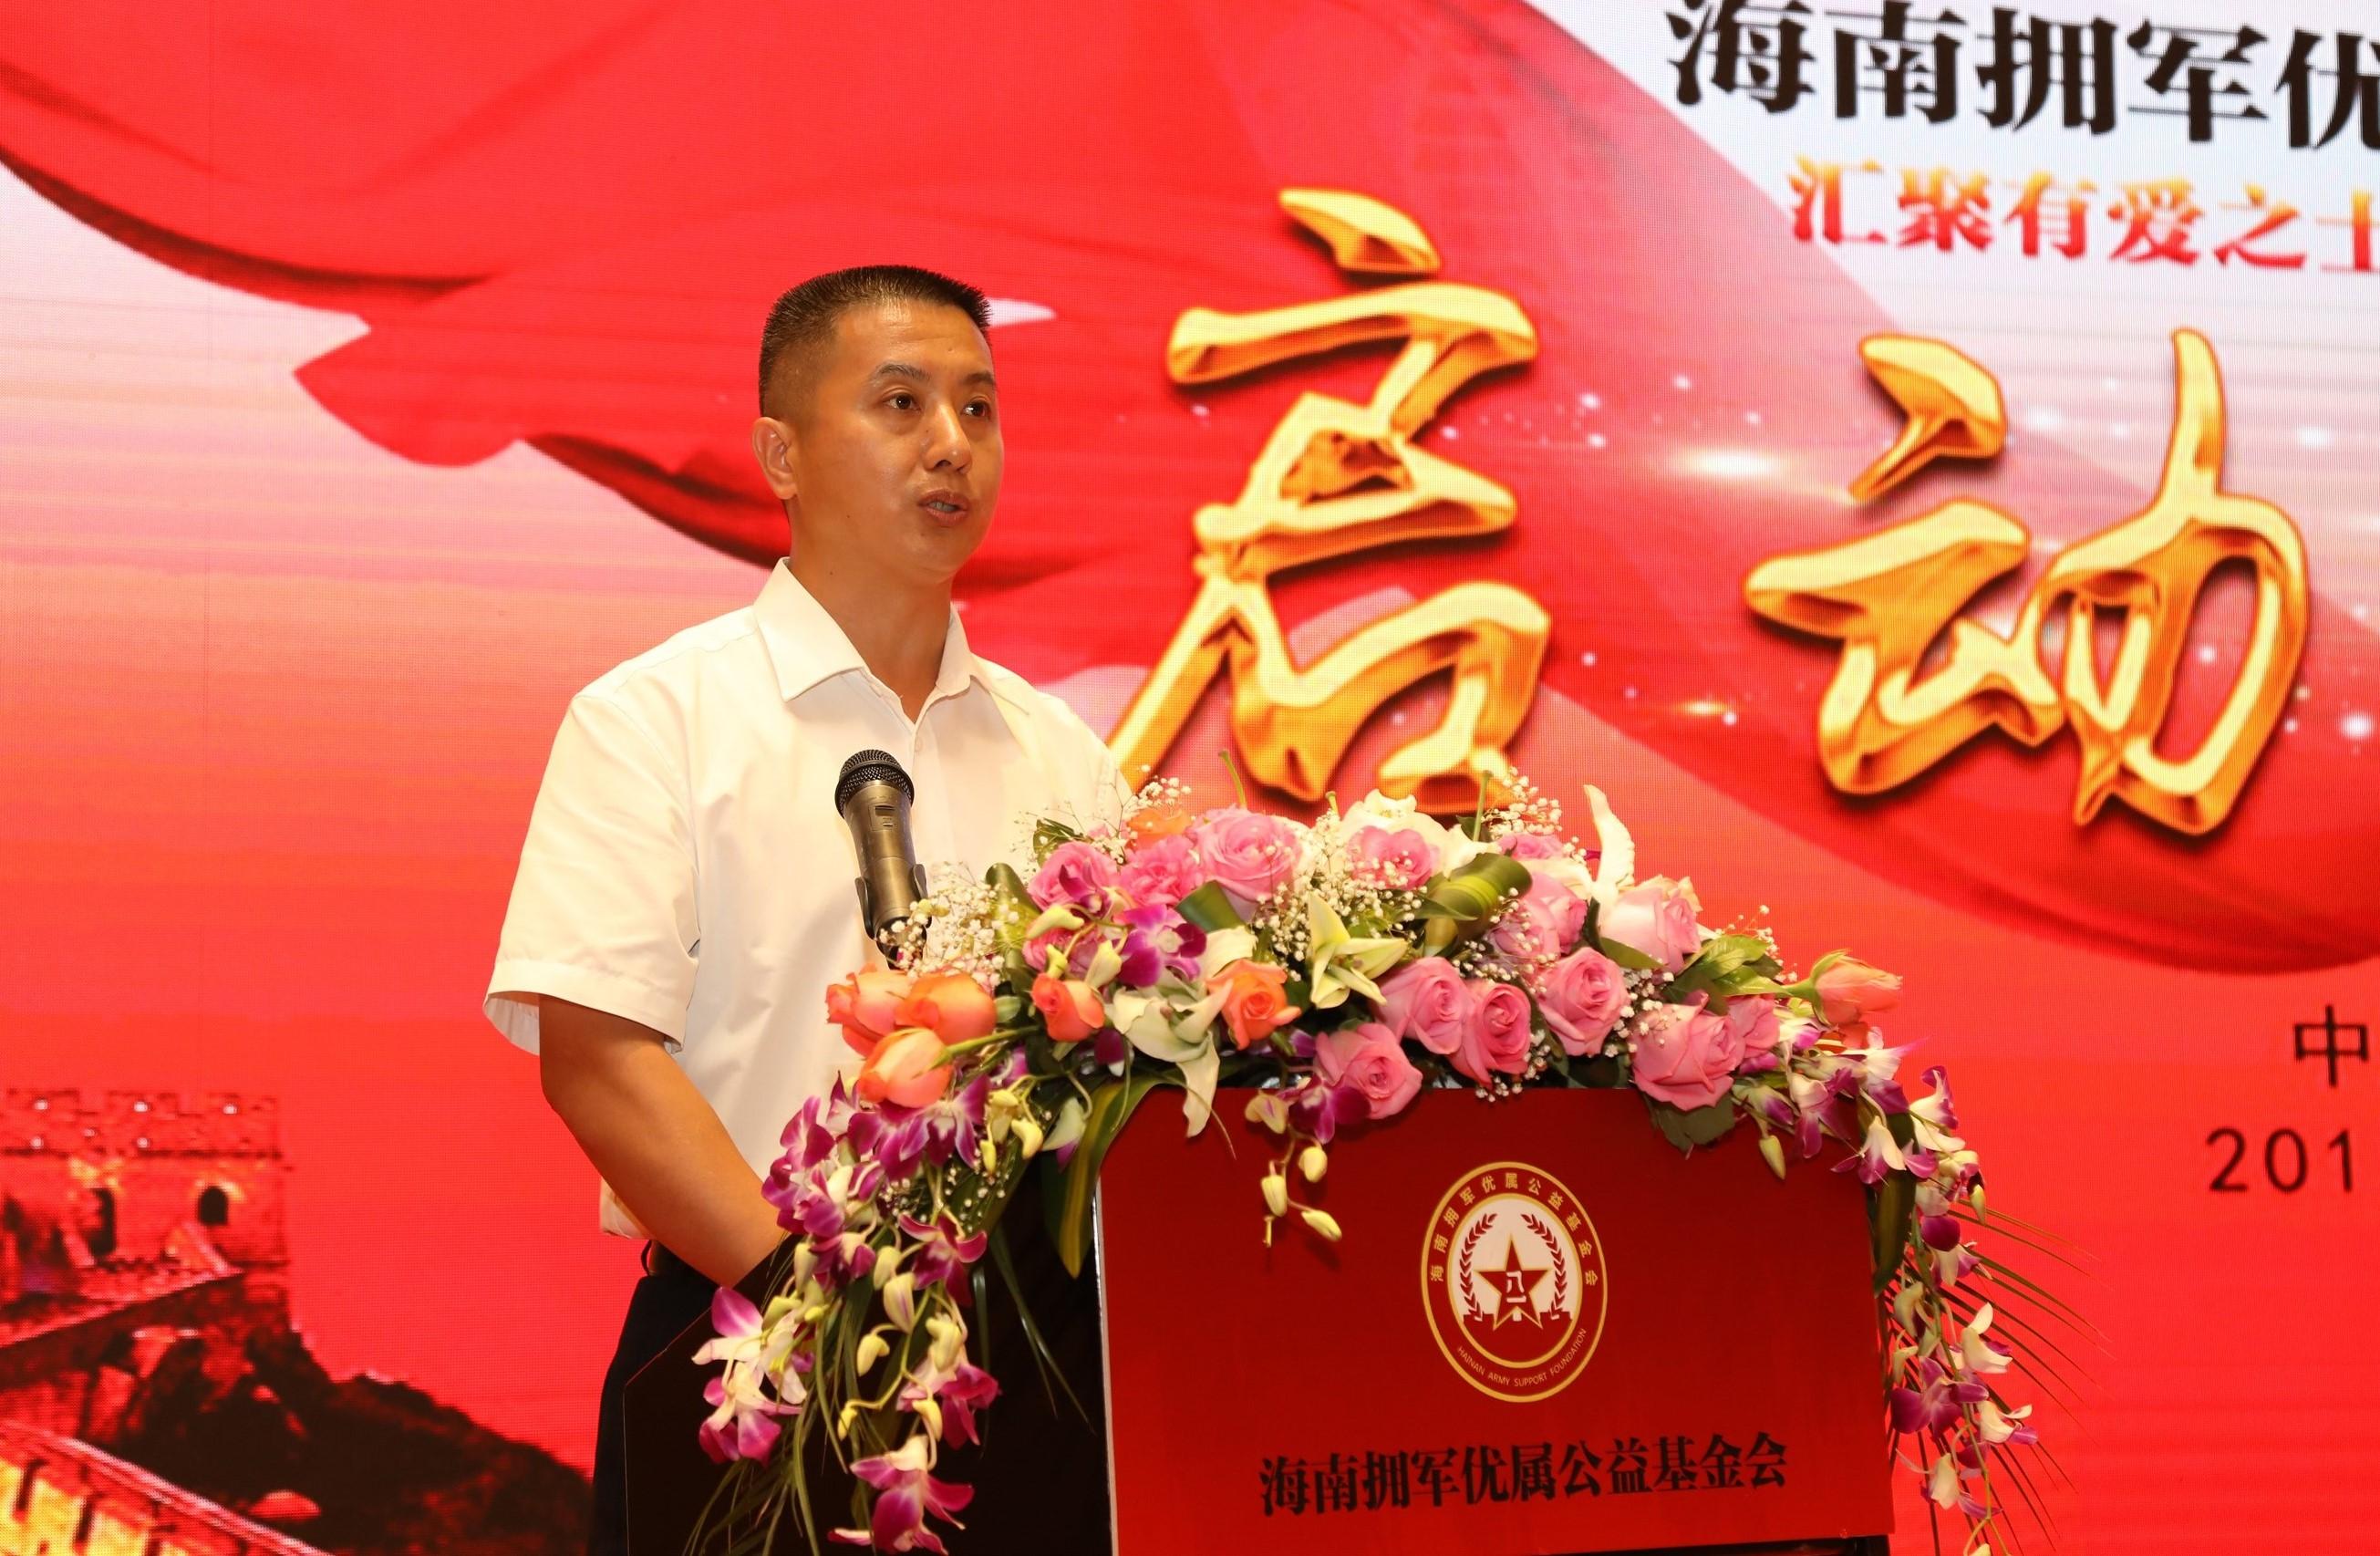 海南省民政厅处长蔡良宣读《海南省民政厅关于同意海南拥军优属公益基金会成立登记的批复》